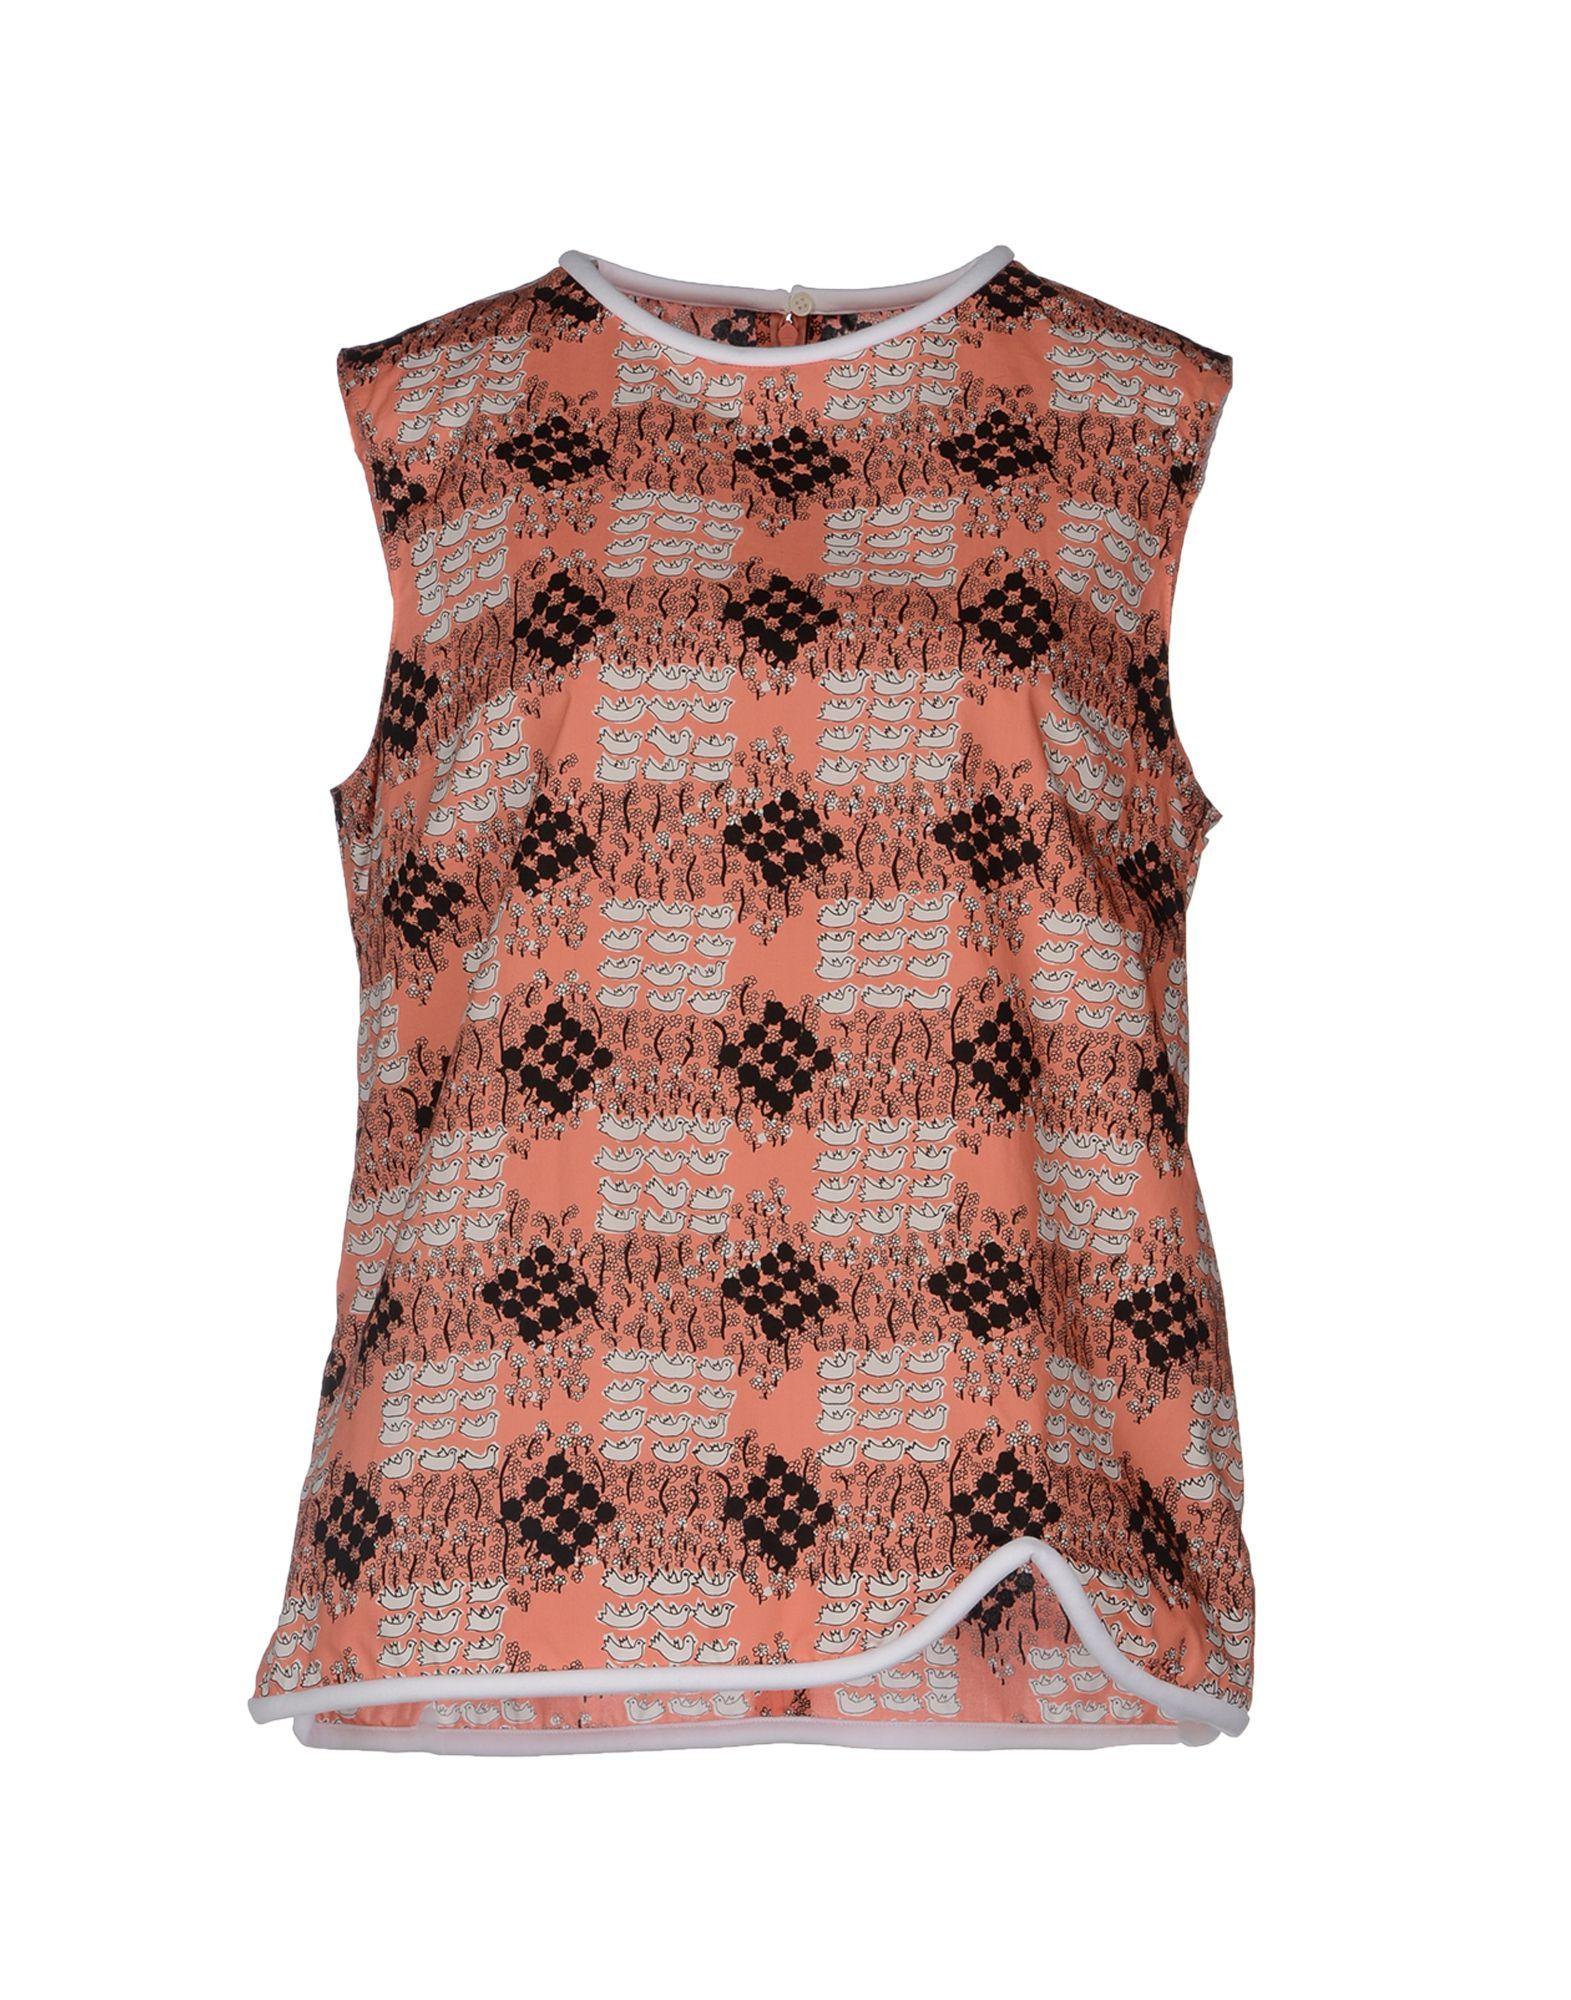 Marni T-Shirt - Women Marni T-Shirts online on YOOX United States